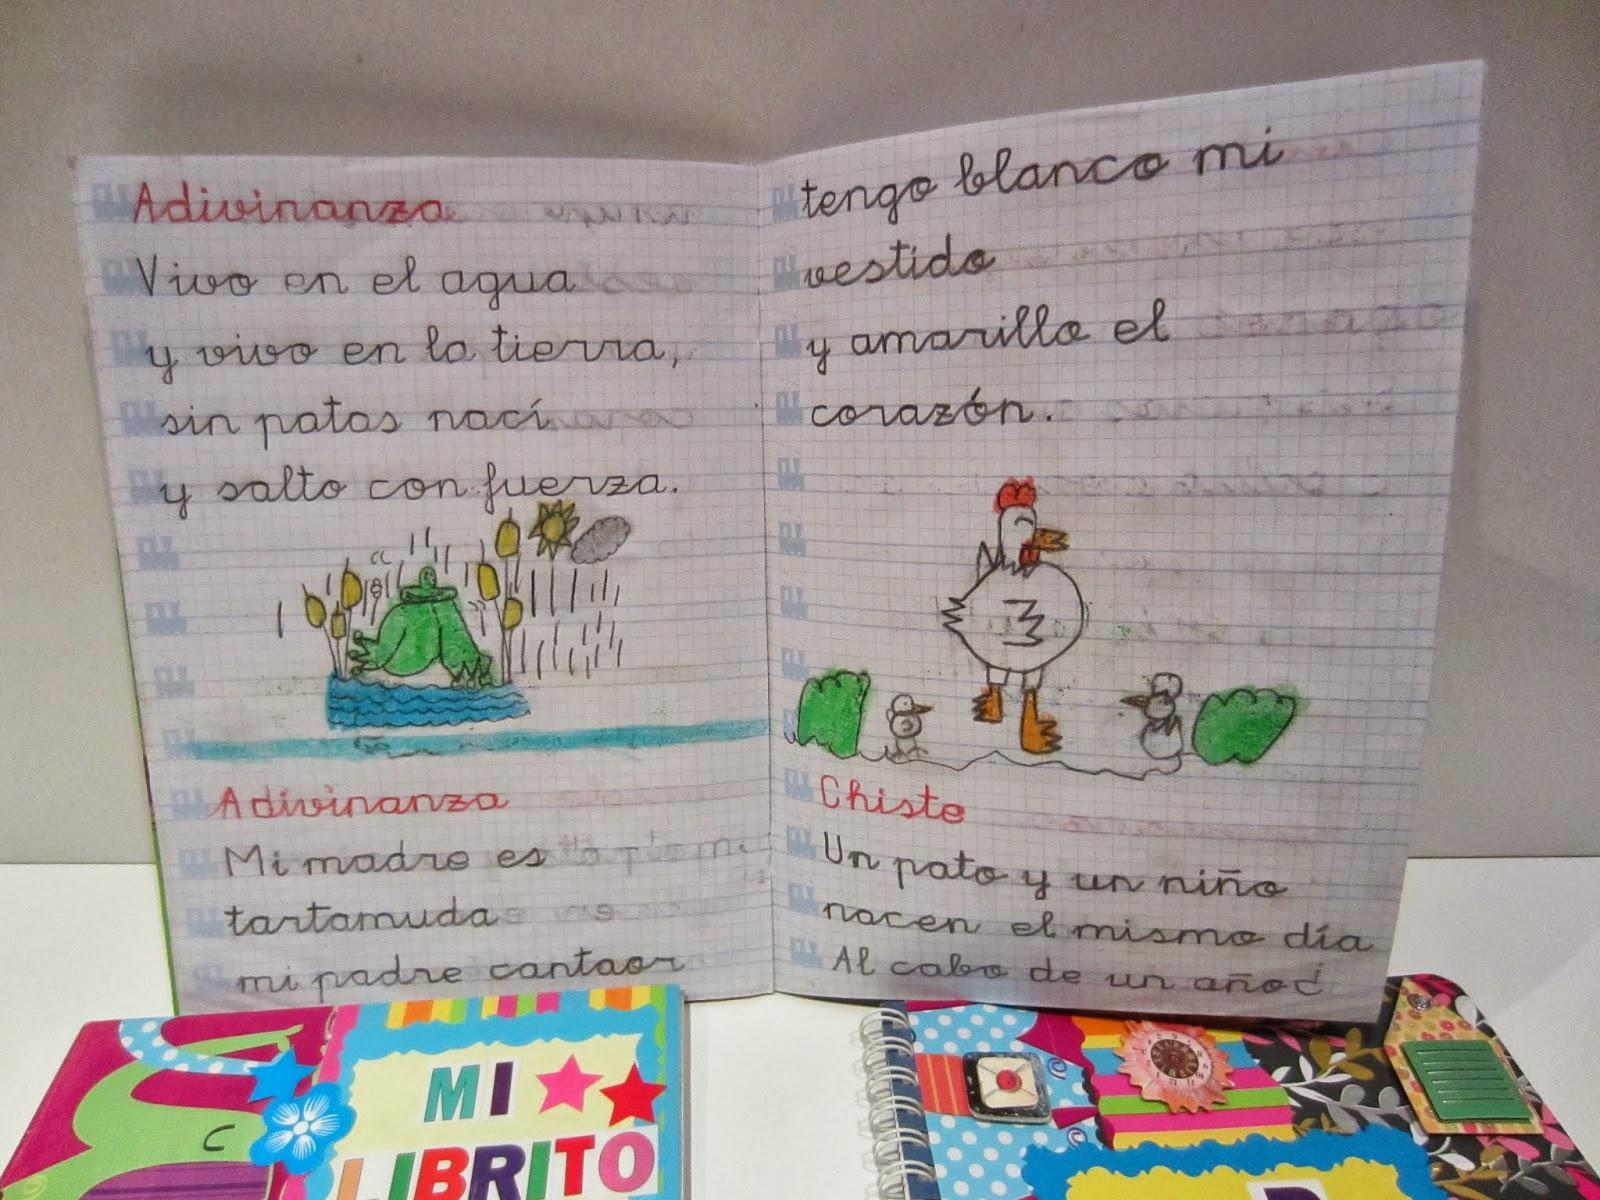 Libreta Viajera Infantil Para Imprimir: LAPICERO MÁGICO: Mi Libreta De Poesías Infantiles